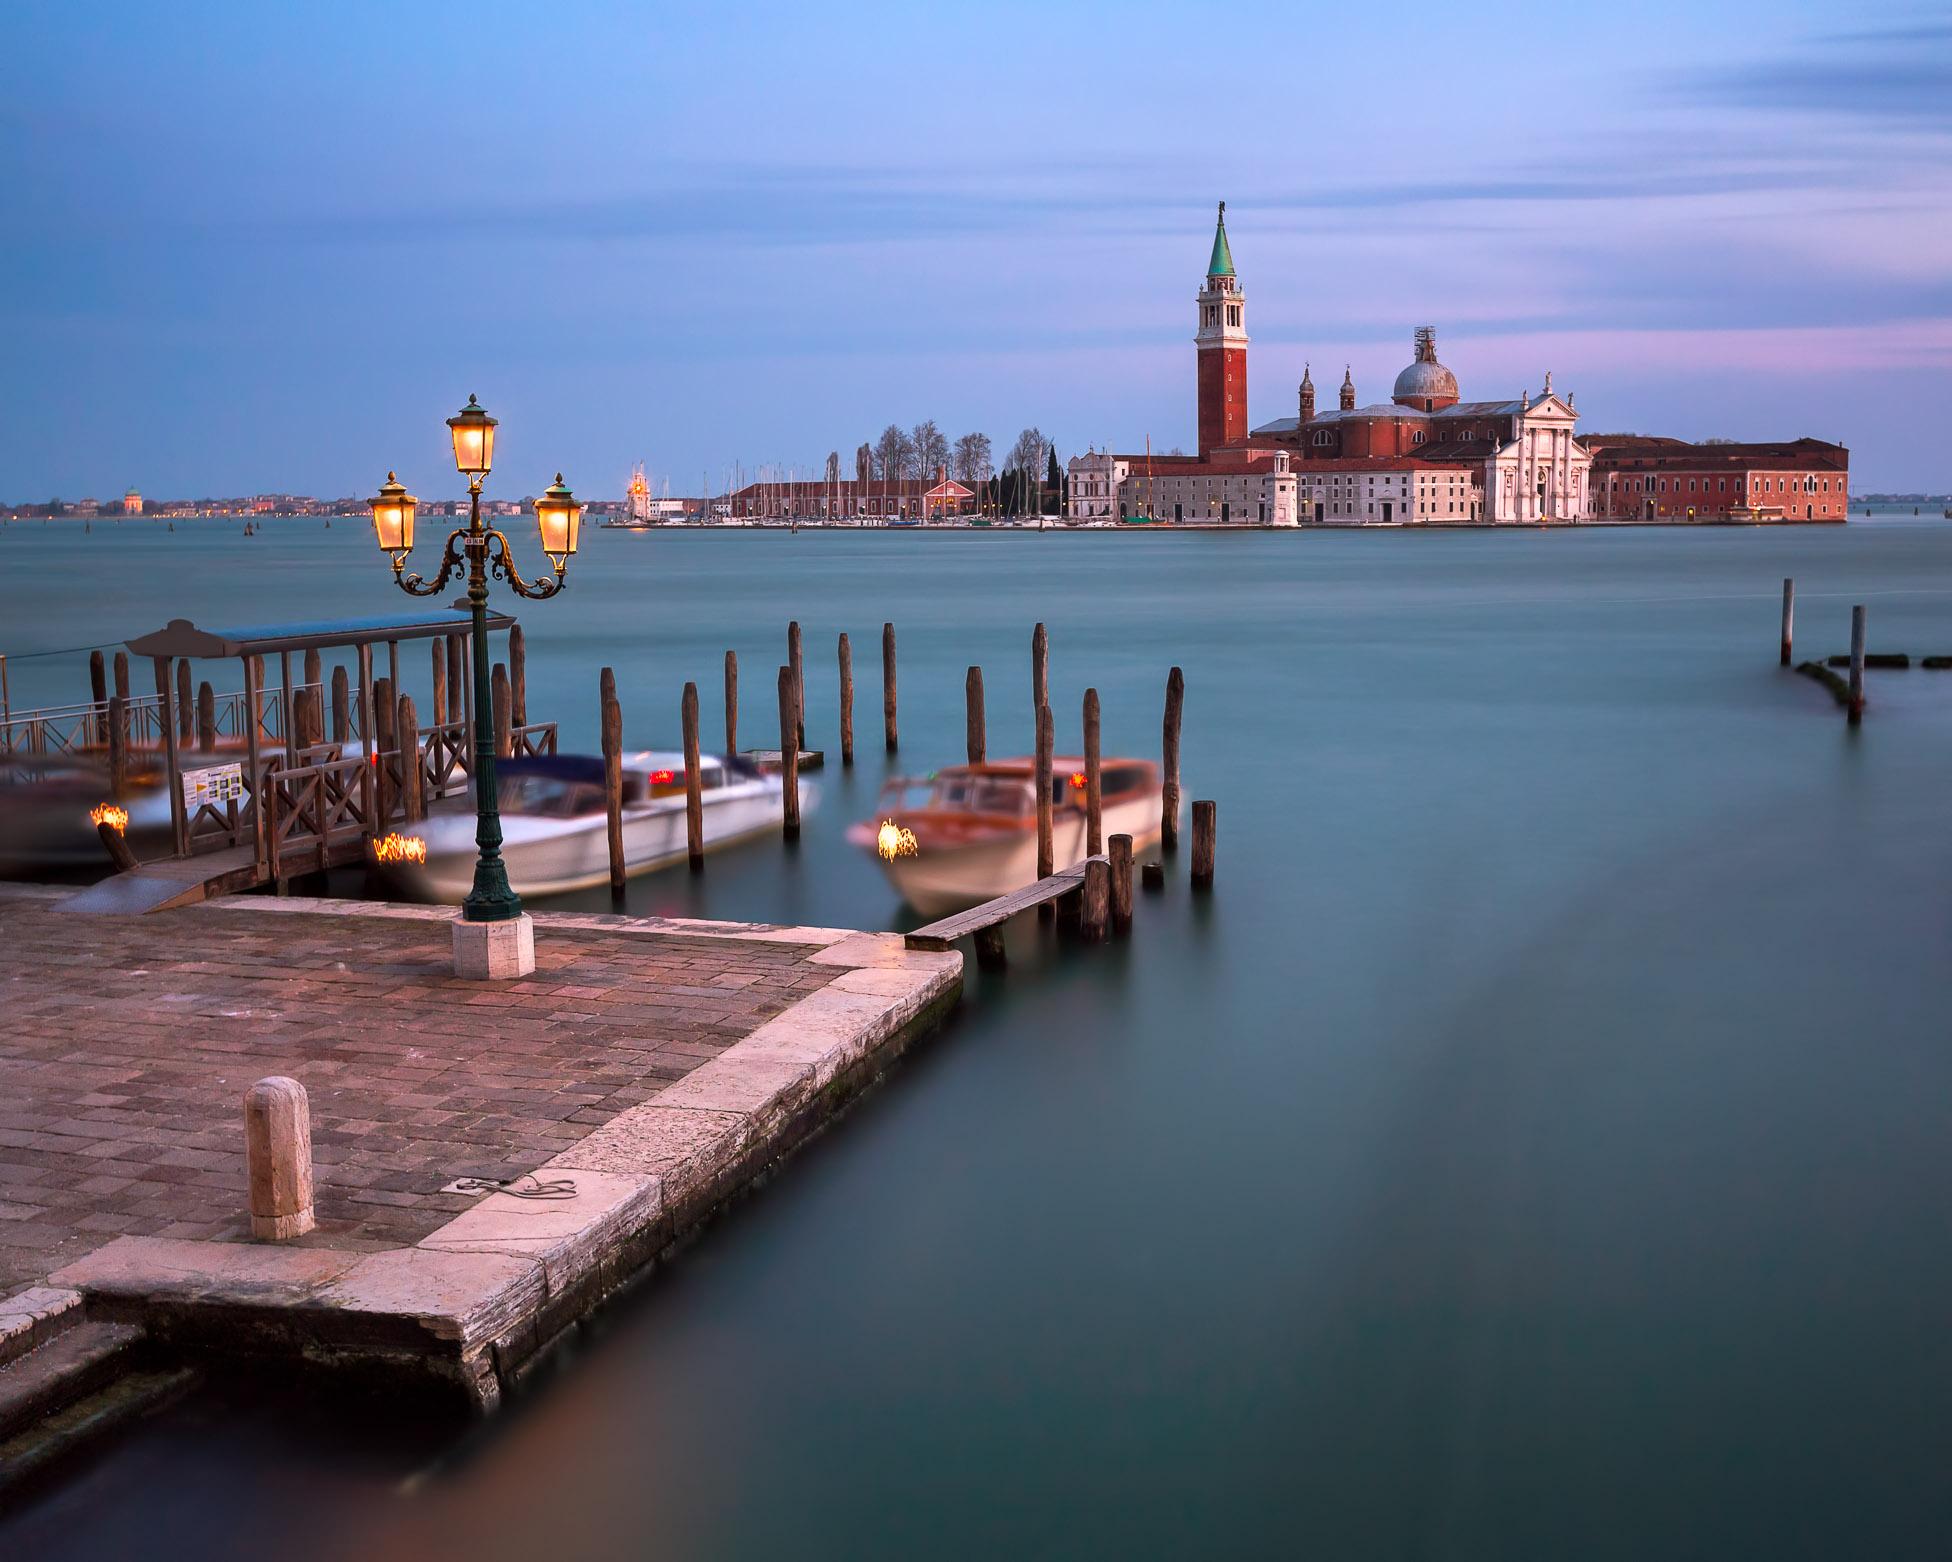 Venetian Lagoon and San Giorgio Maggiore Church in the Evening, Venice, Italy